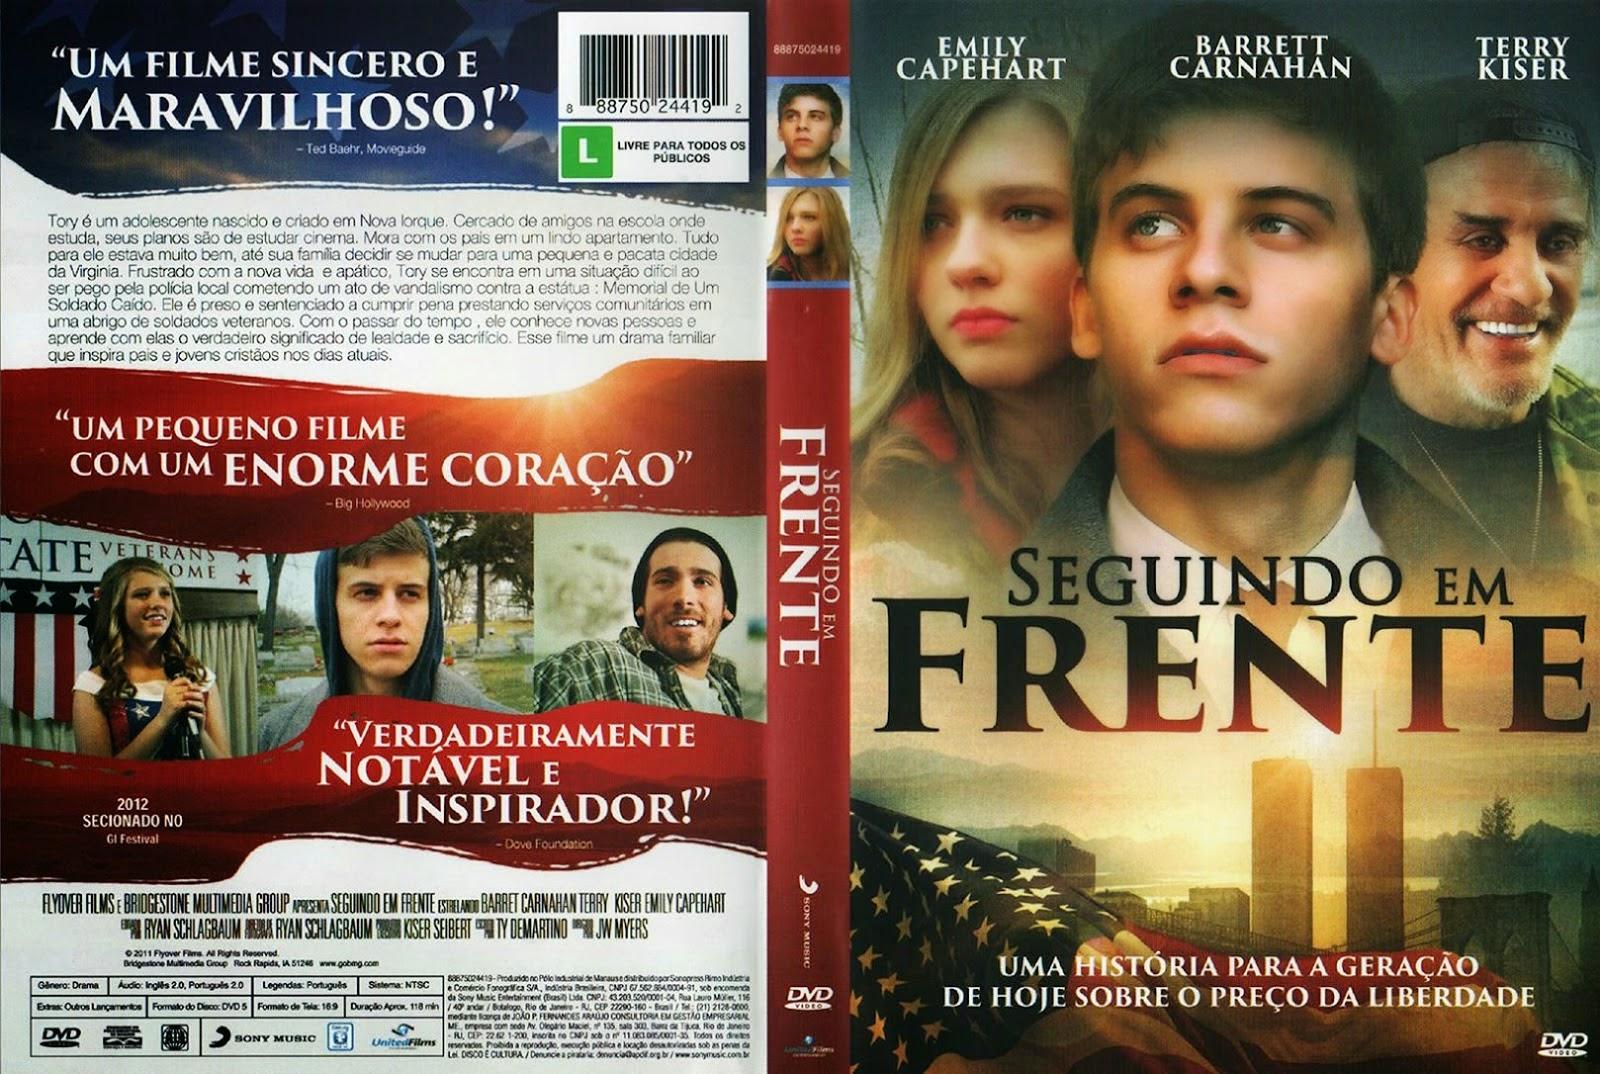 FILME ONLINE SEGUINDO EM FRENTE ASSISTA ONLINE AQUI